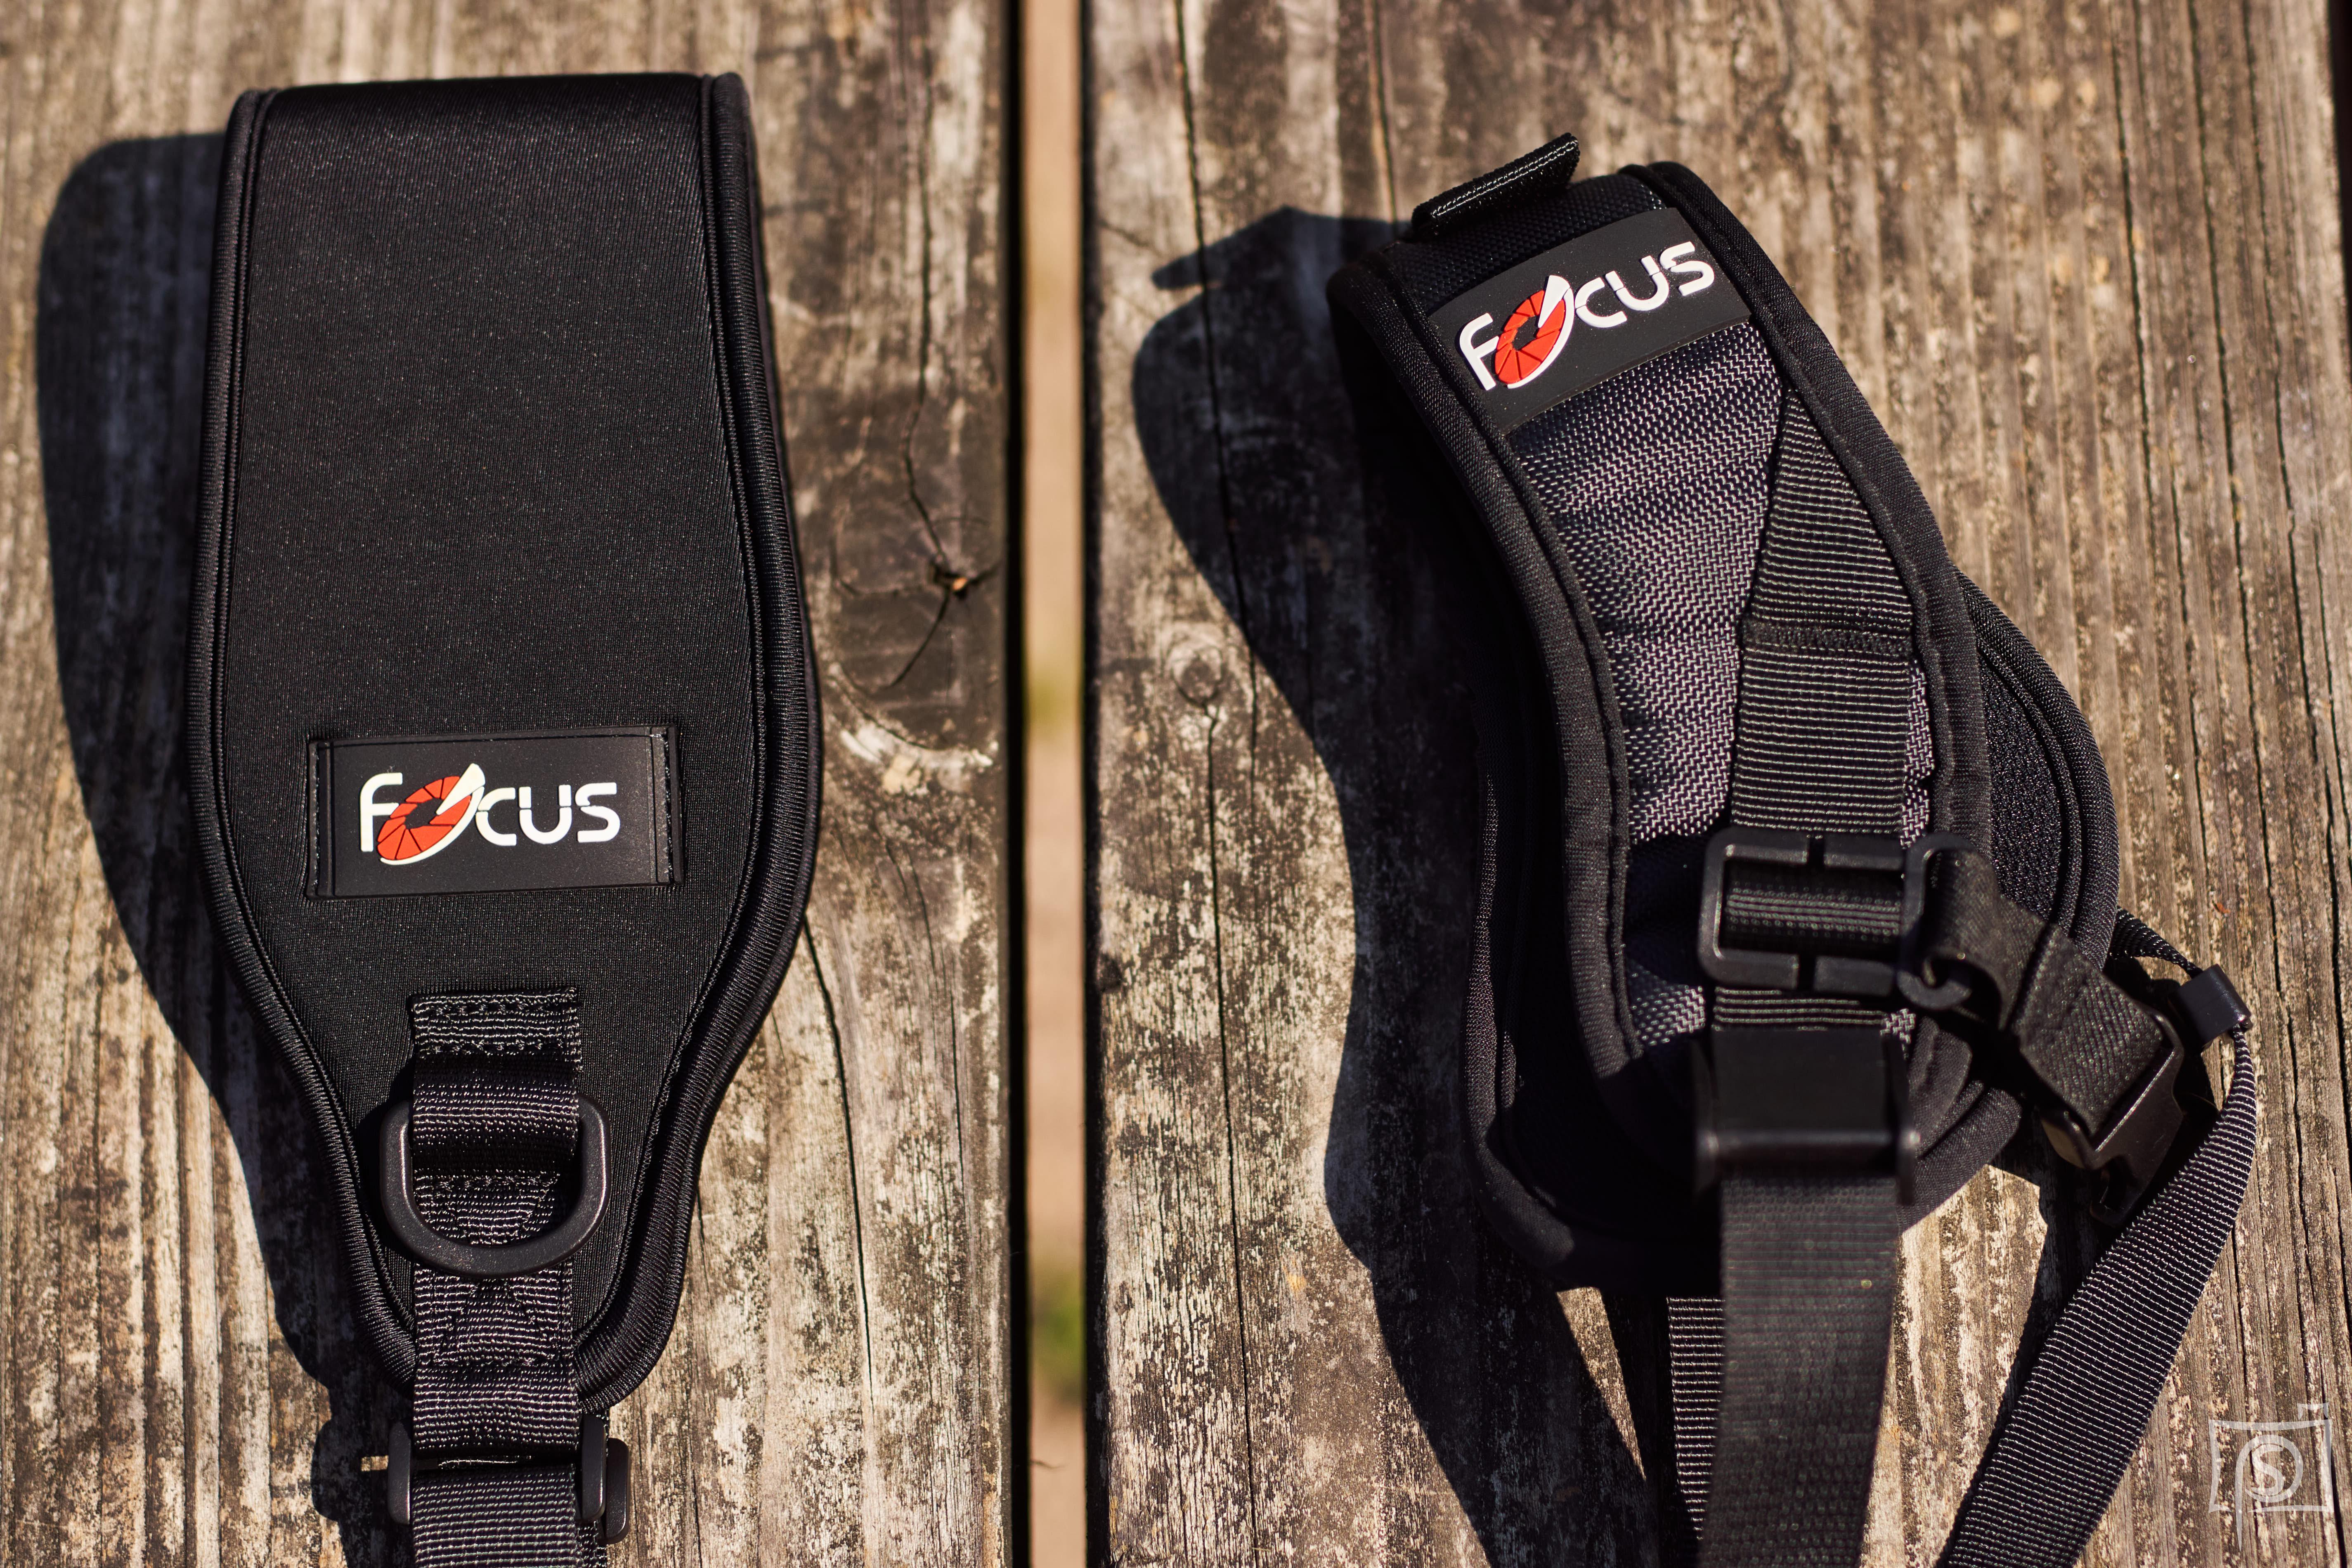 Focus-F2 und Focus-F1 Schulterploster - Vergleich